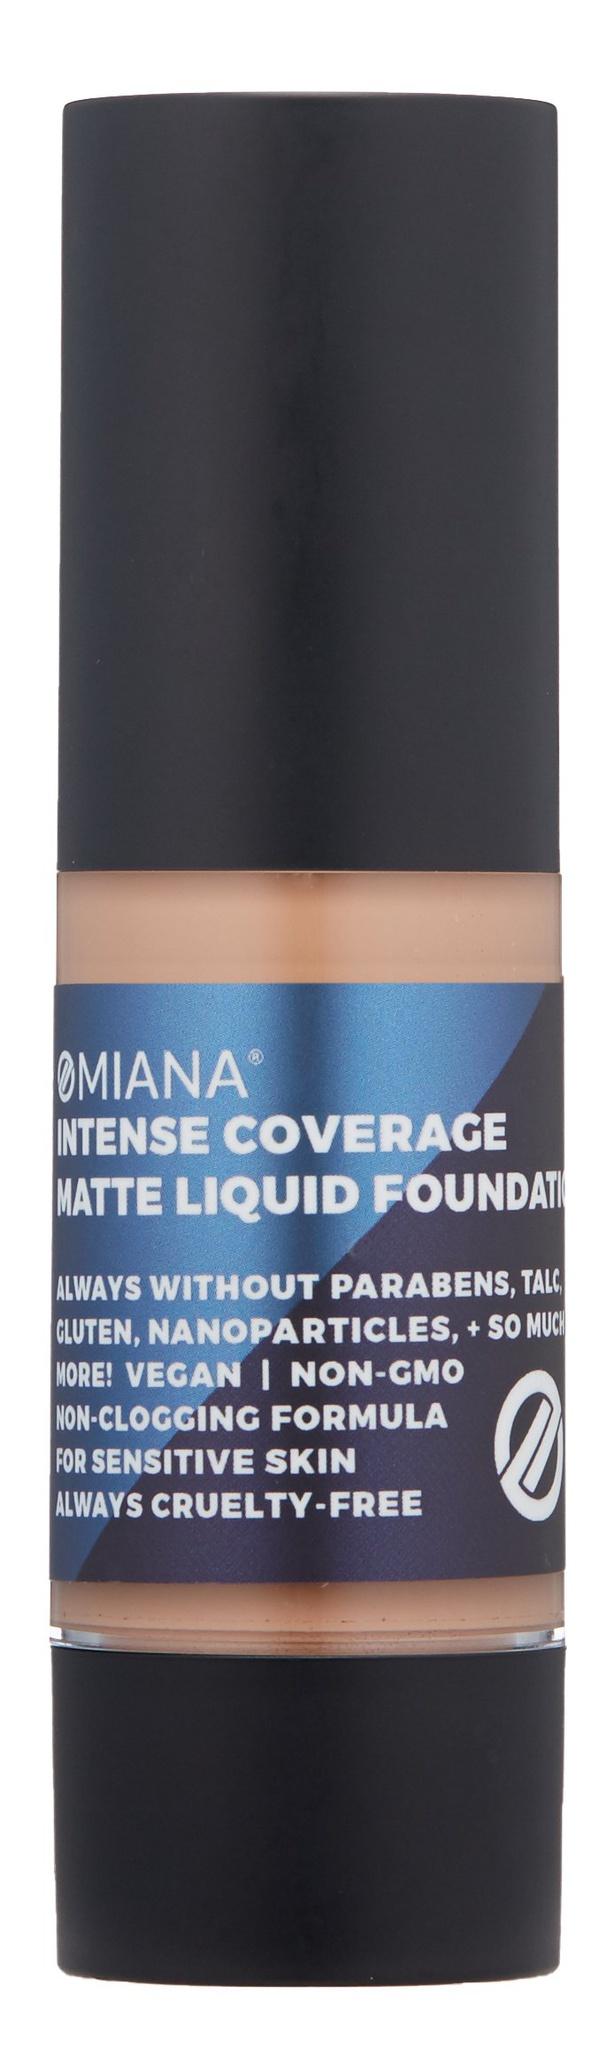 Omiana Intense Coverage Liquid Foundation